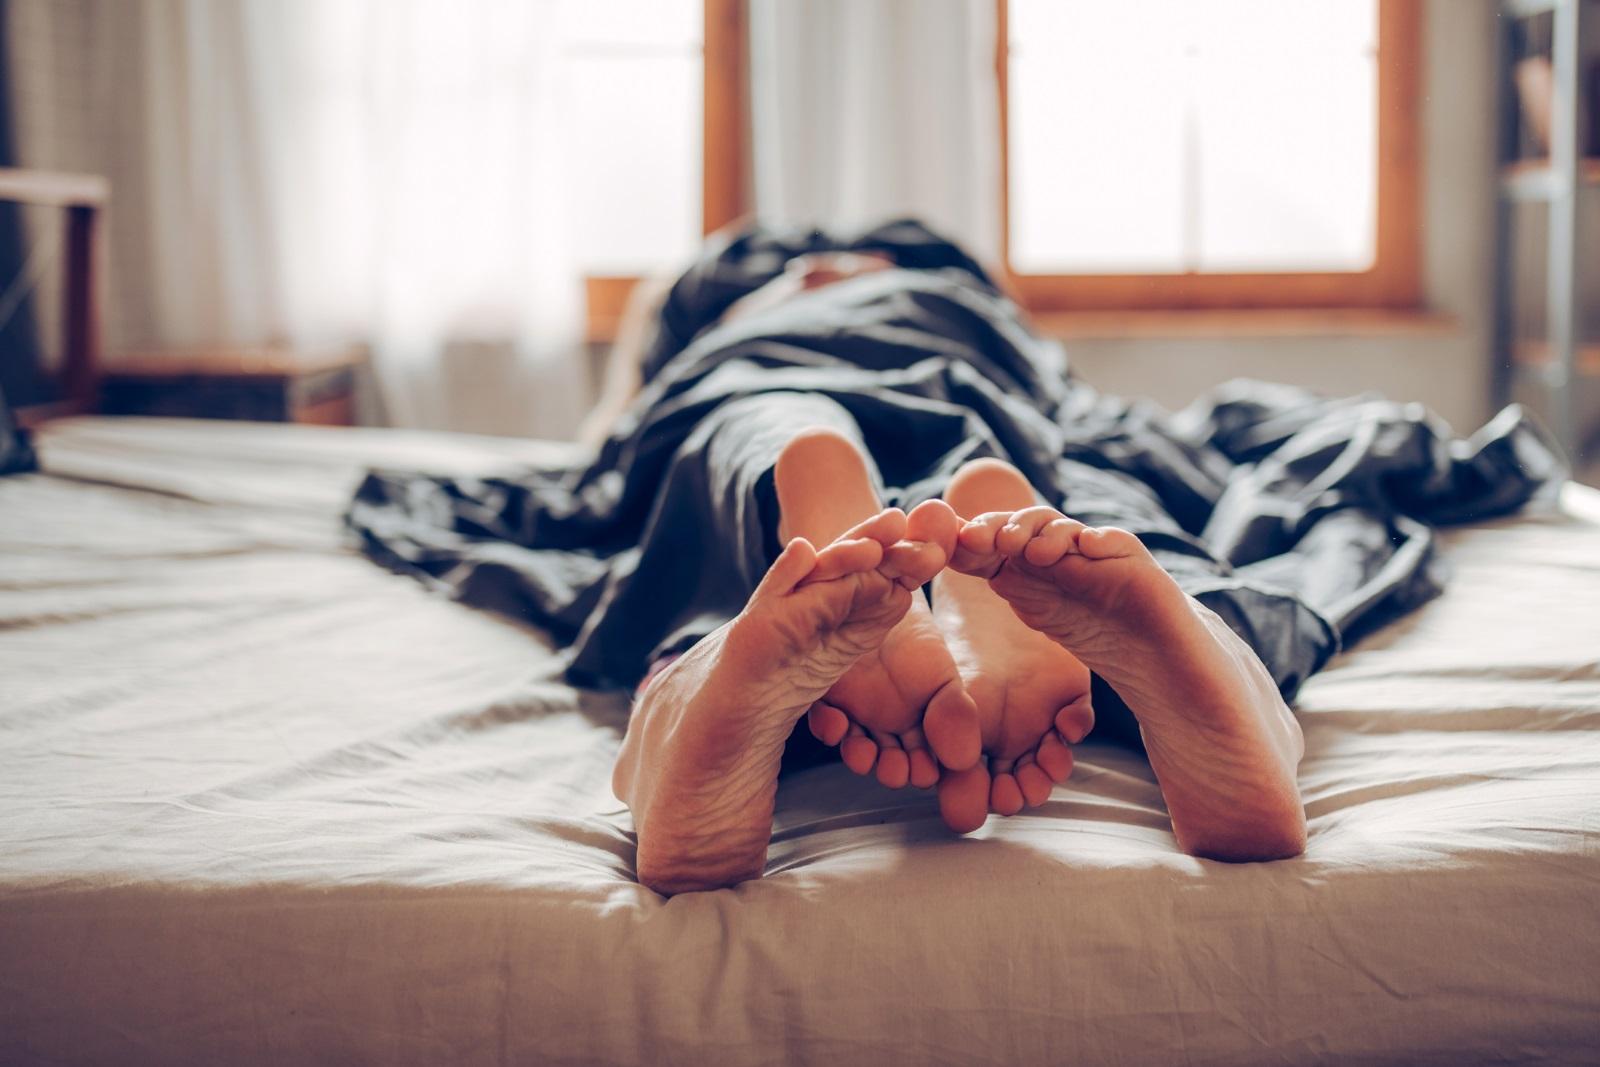 <p>Втората най-отблъскваща проява, посочена от 58 процента от анкетираните дами, е мъжът да смята, че сексуалният акт приключва в мига, в който той получи оргазъм.</p>